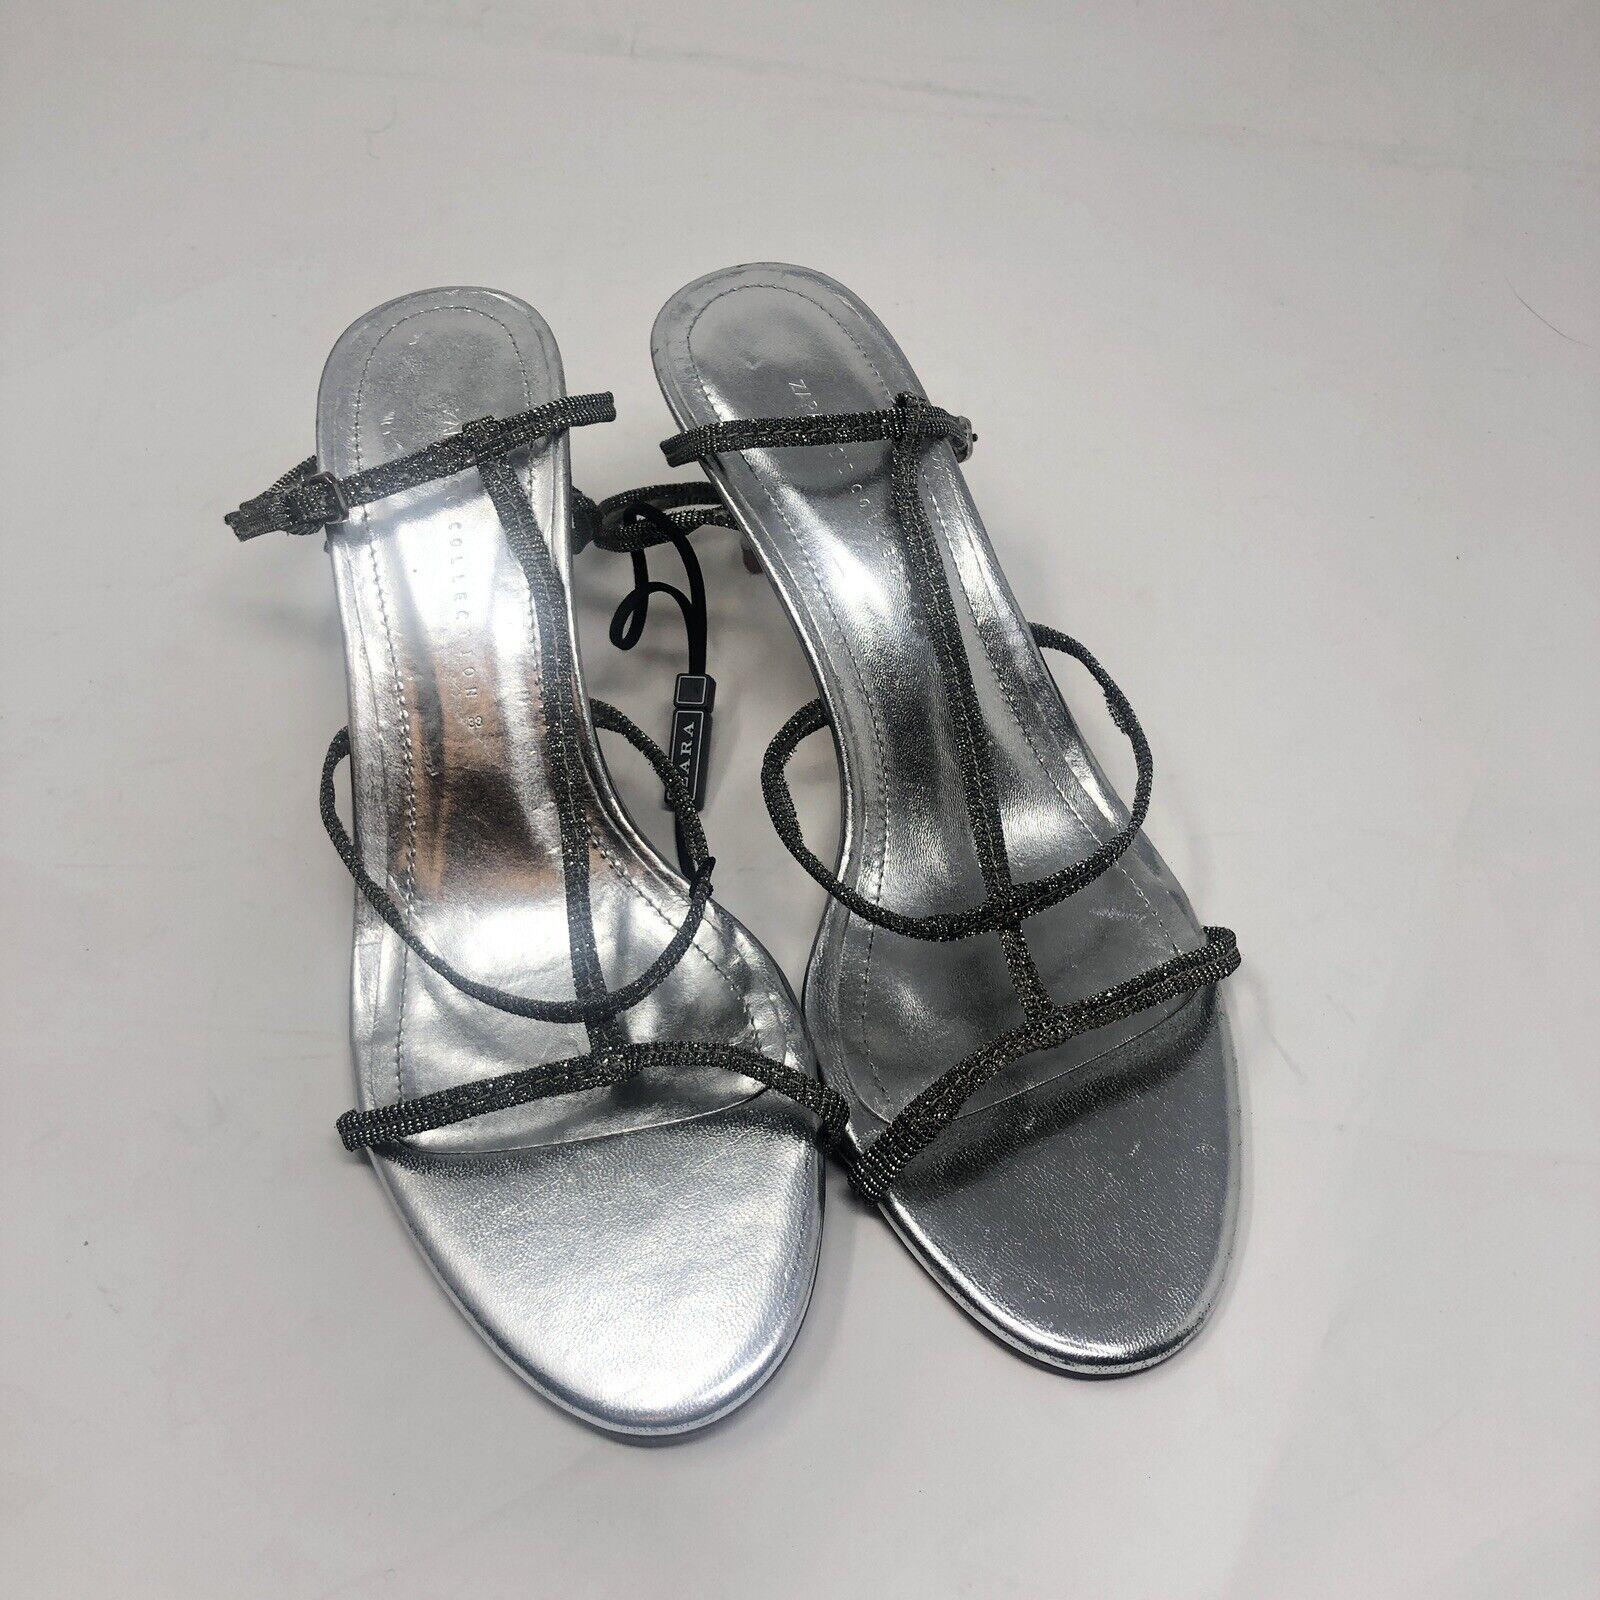 Zara chaussures Pointure SZ 7.5 argent Lanières Ref 6331 301